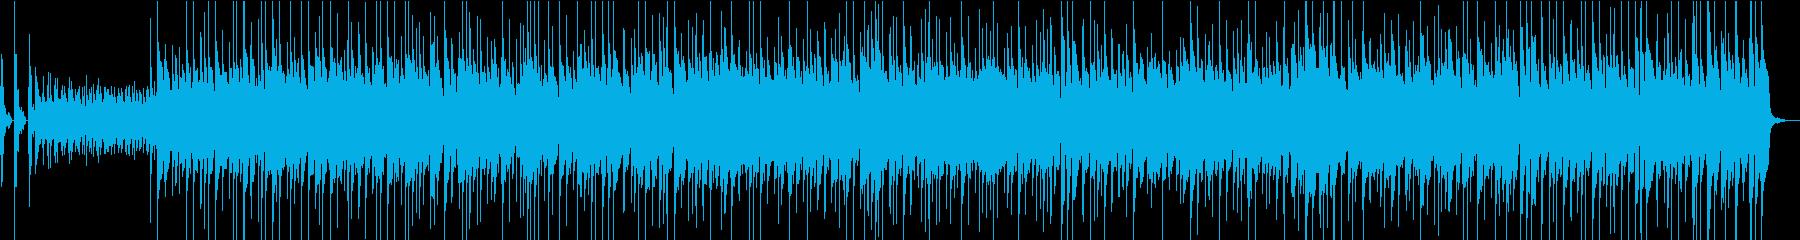 秒数ジャスト・ロッキー風筋トレ動画BGMの再生済みの波形